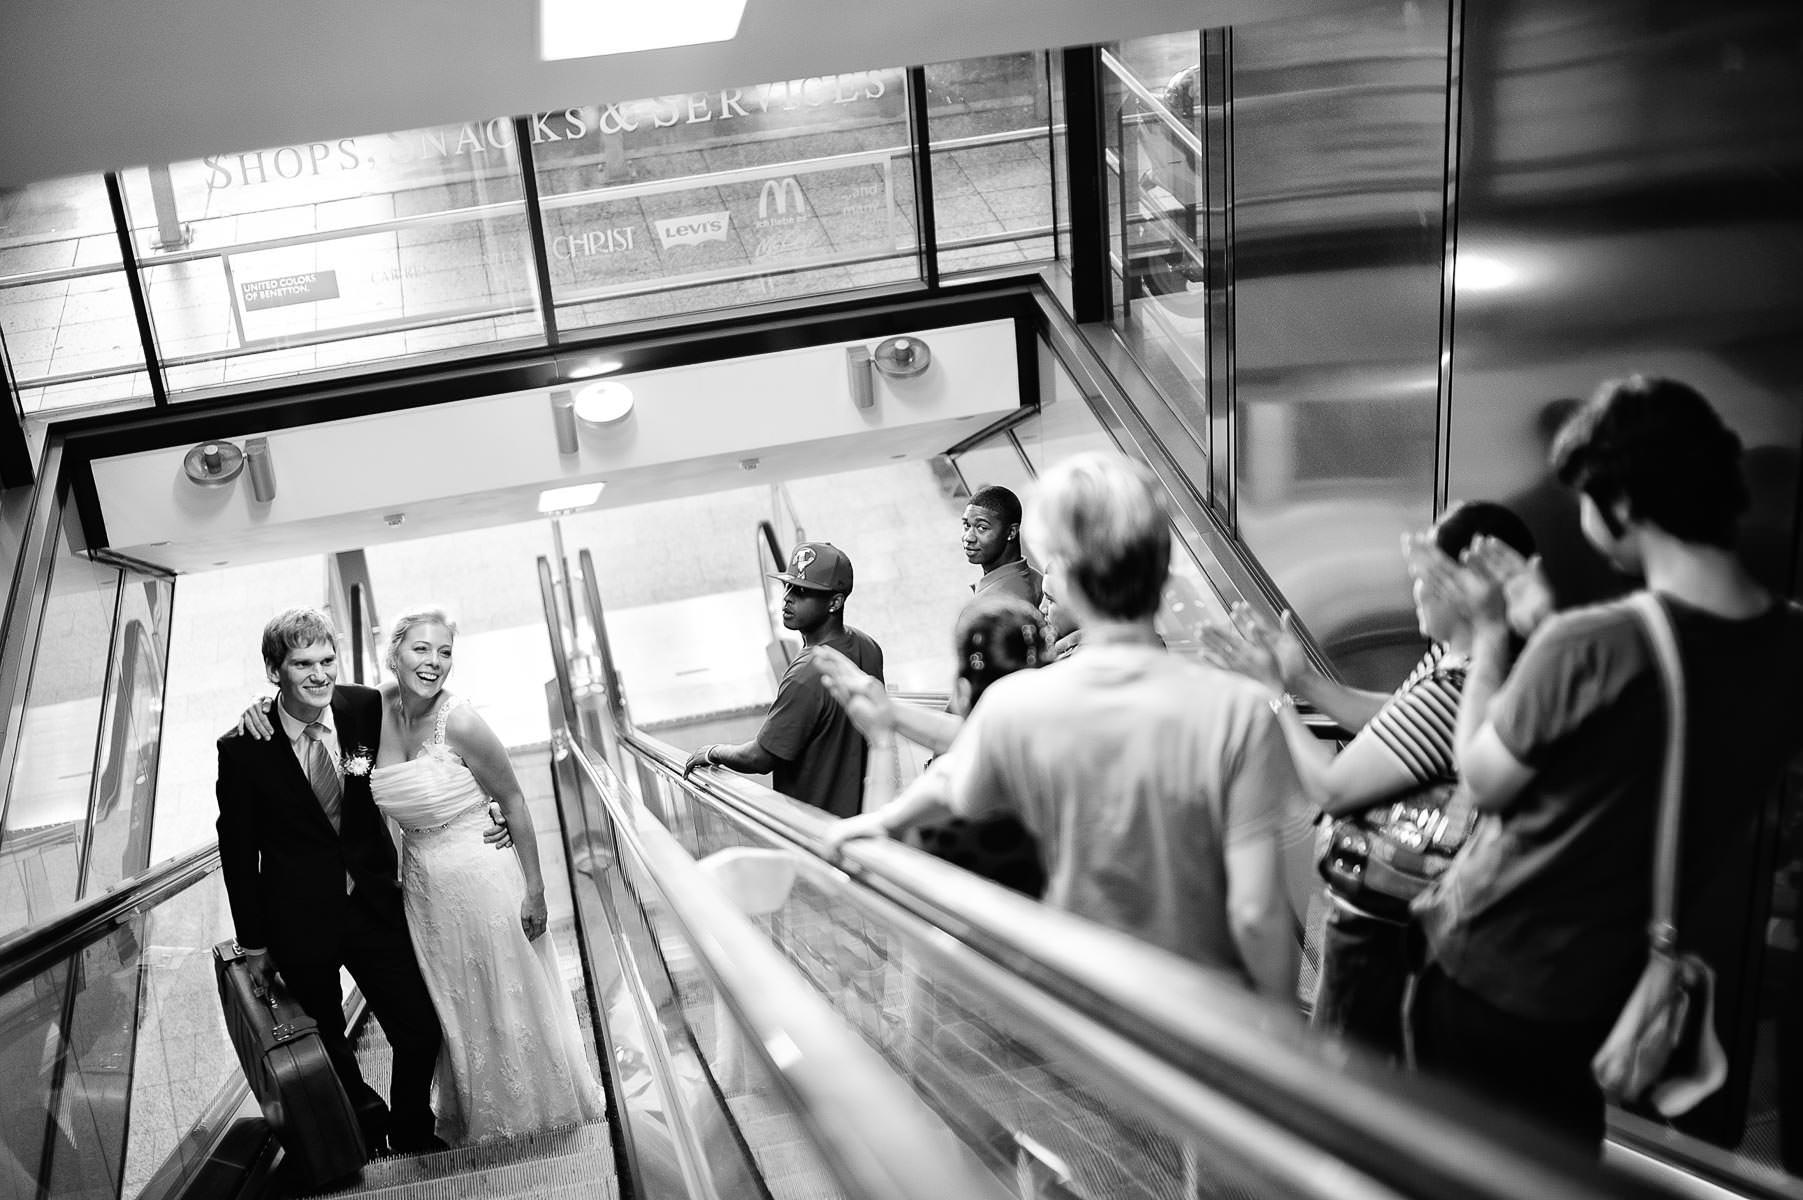 Brautpaar auf der Rolltreppe, sie lachen den entgegekommenden Pa